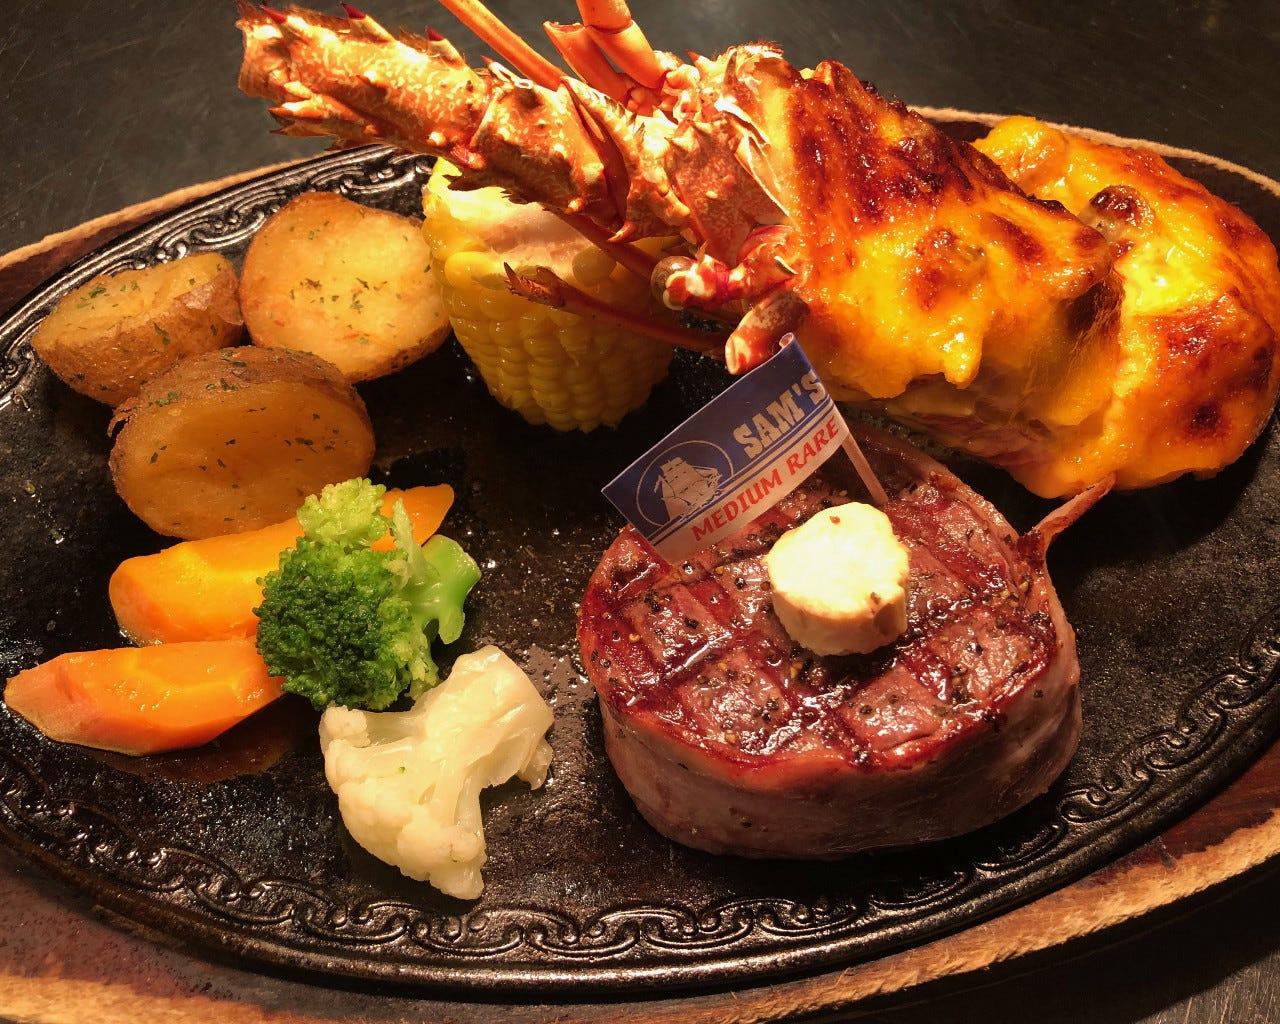 ステーキ、シーフード、多彩なメニューがコースで味わえる♪